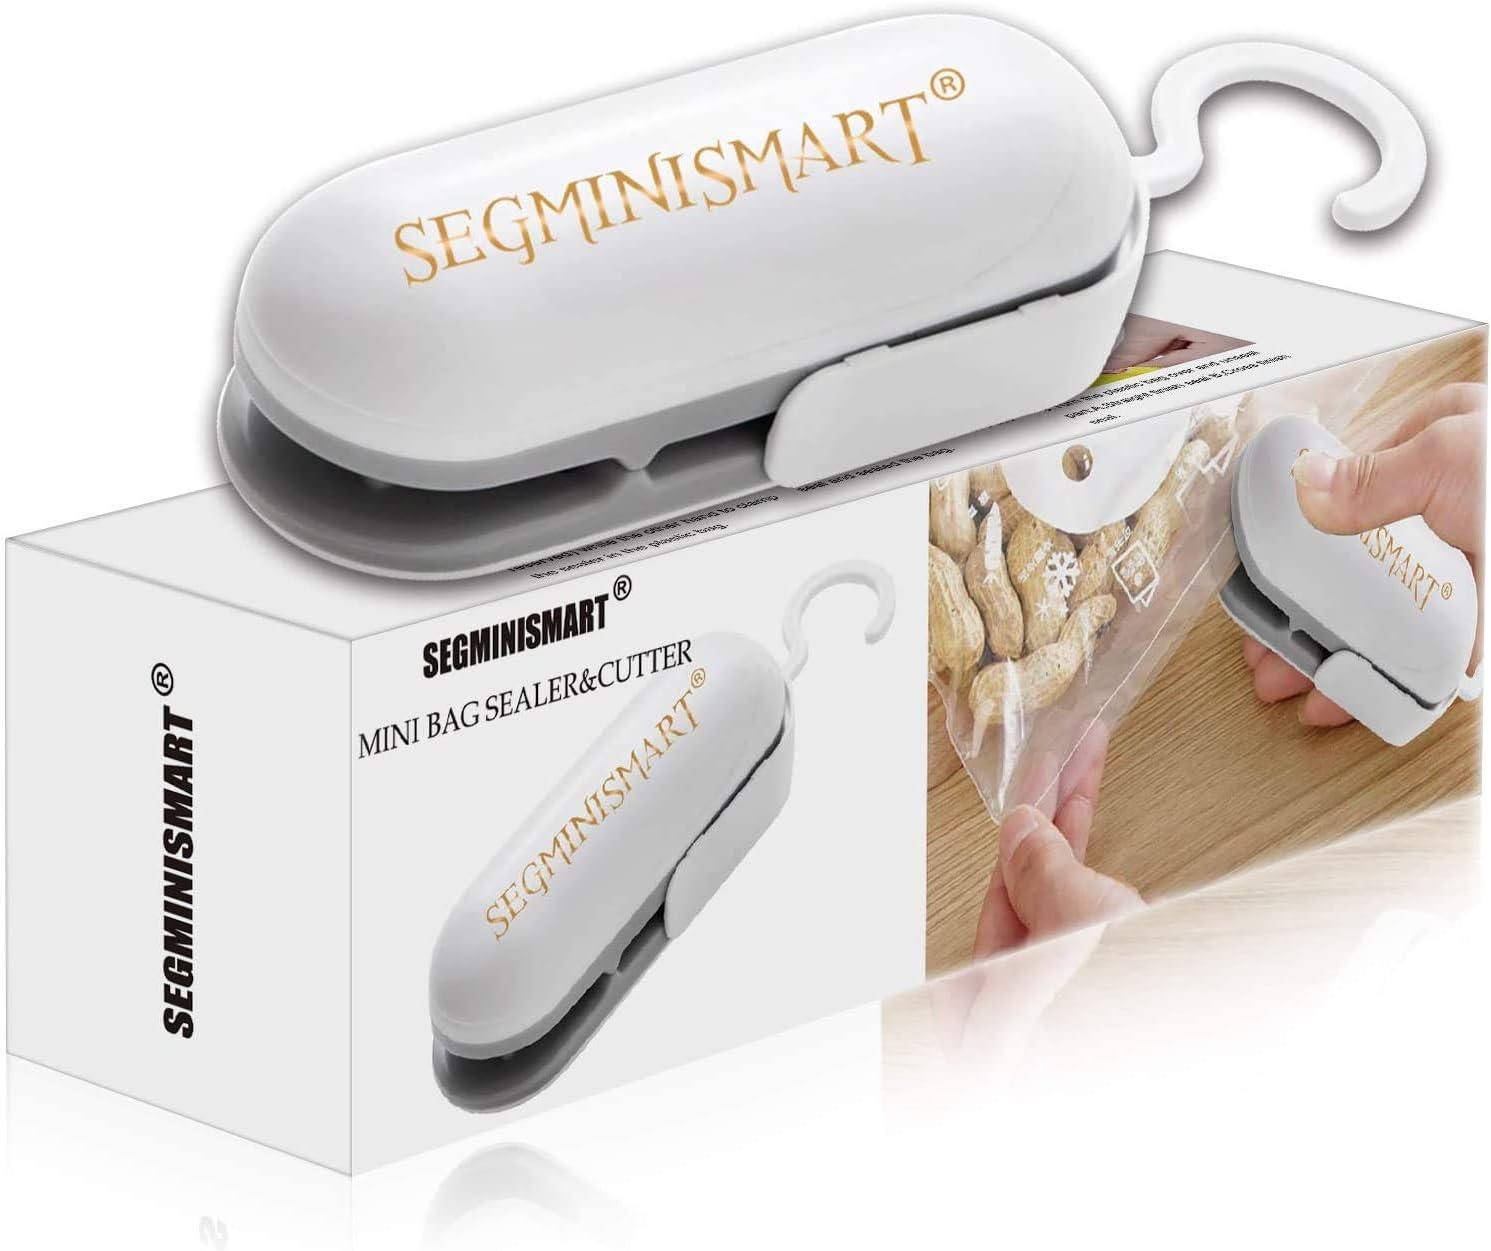 SEGMINISMART Mini Bag Sealer, Máquina de Sellado en Caliente portátil, Heat Sealer Machine, 2 in 1 Small Mini Portable Heat Sealer (Batería no incluida)